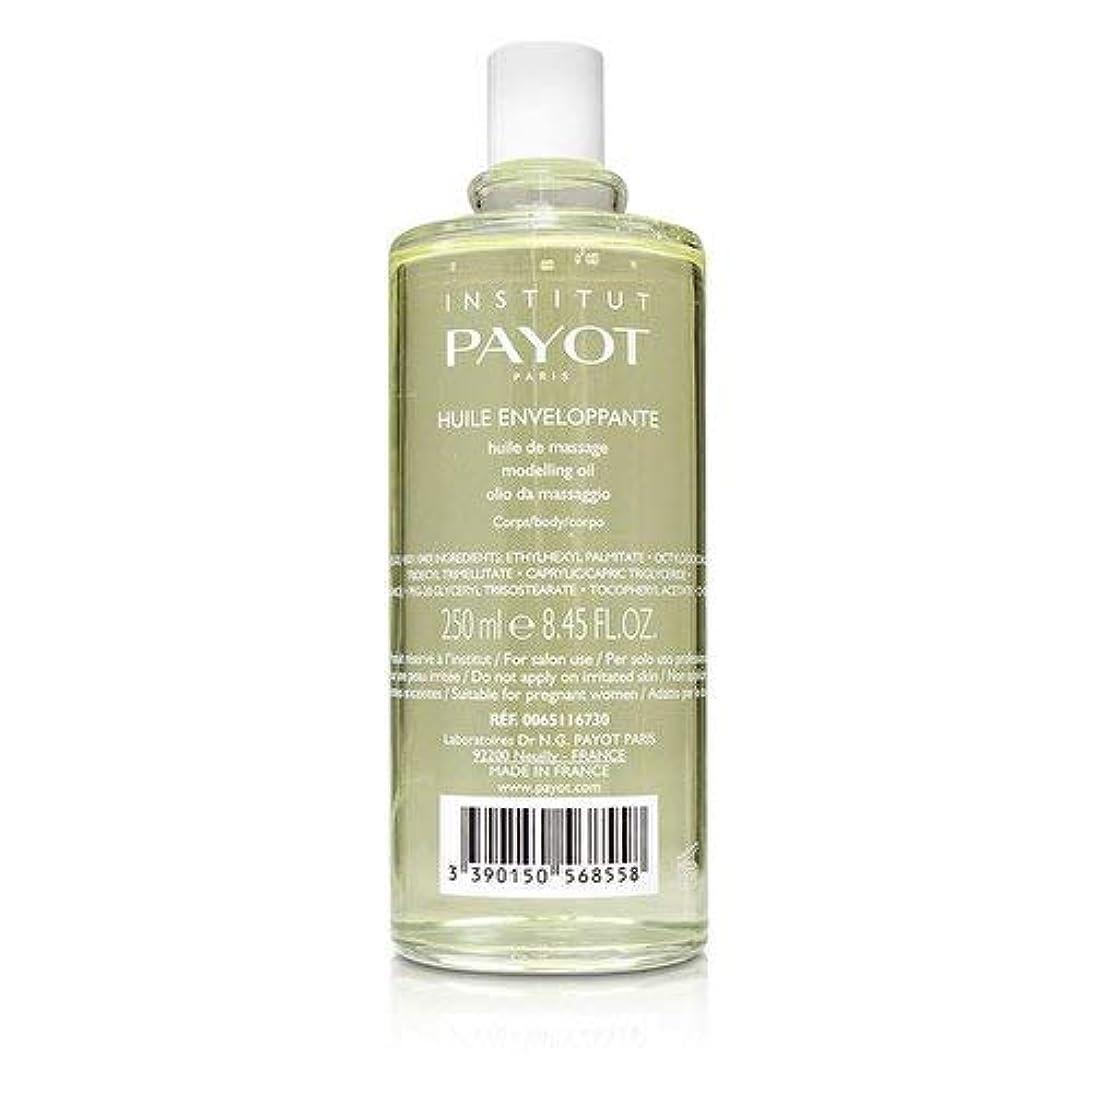 伝染性の作ります指定パイヨ Huile Enveloppante - Body Massage Oil (Orange Blossom & Rose) (Salon Product) 250ml/8.4oz並行輸入品